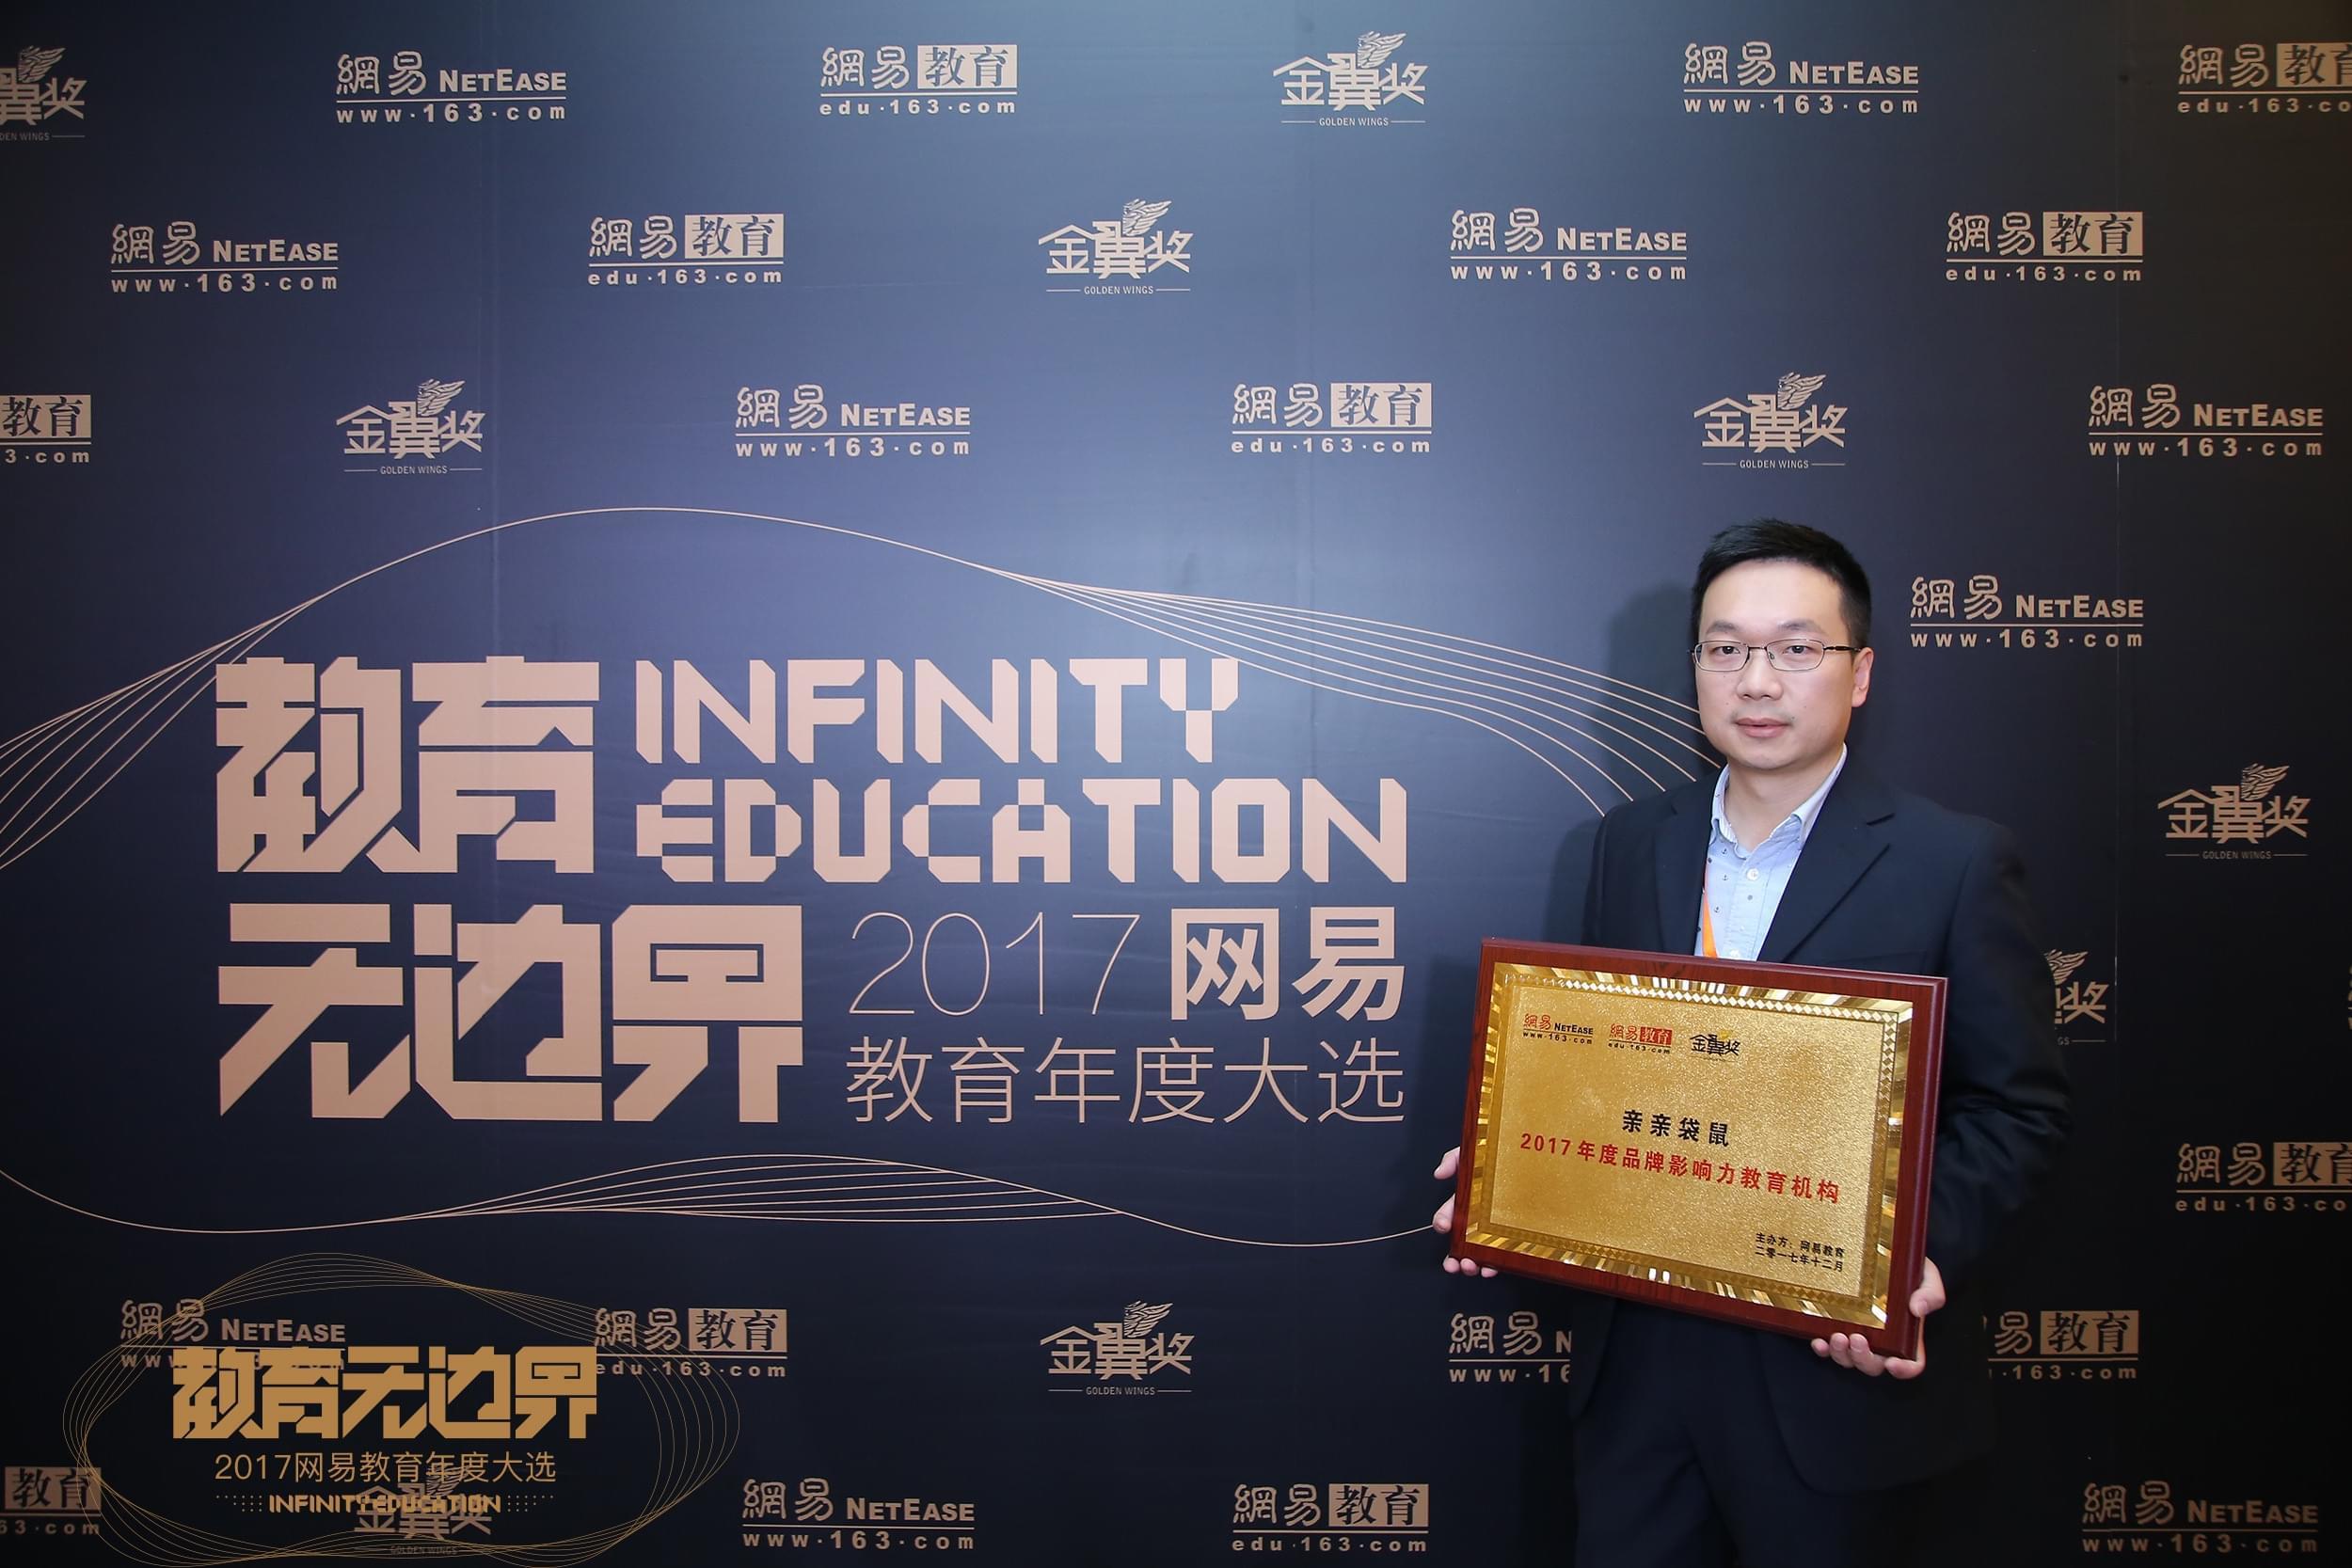 亲亲袋鼠刘春晓:让早教行业更洁净、更纯粹